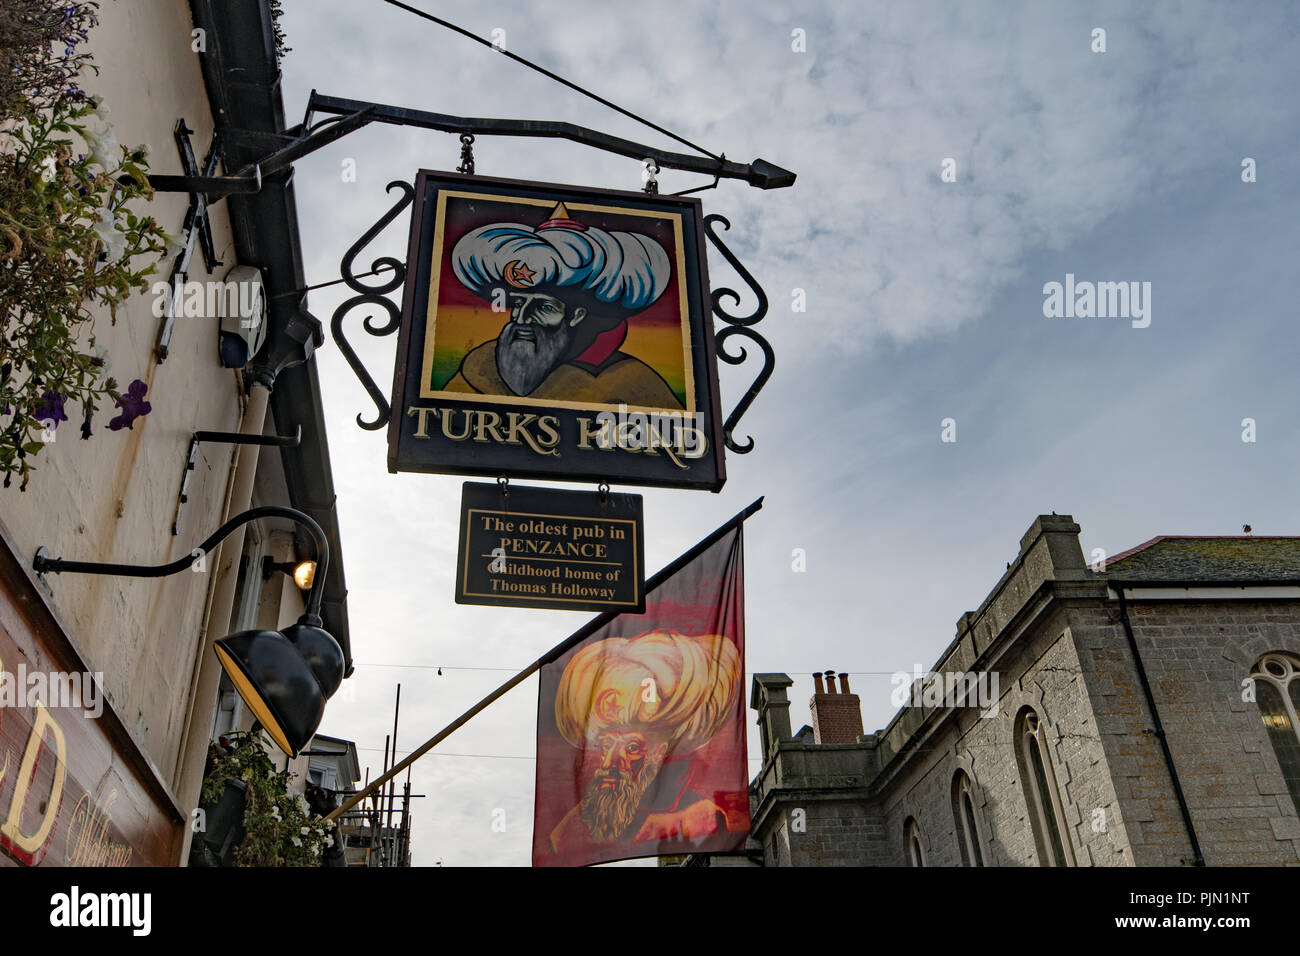 Turks Head Pub on chapel street Penzance - Stock Image